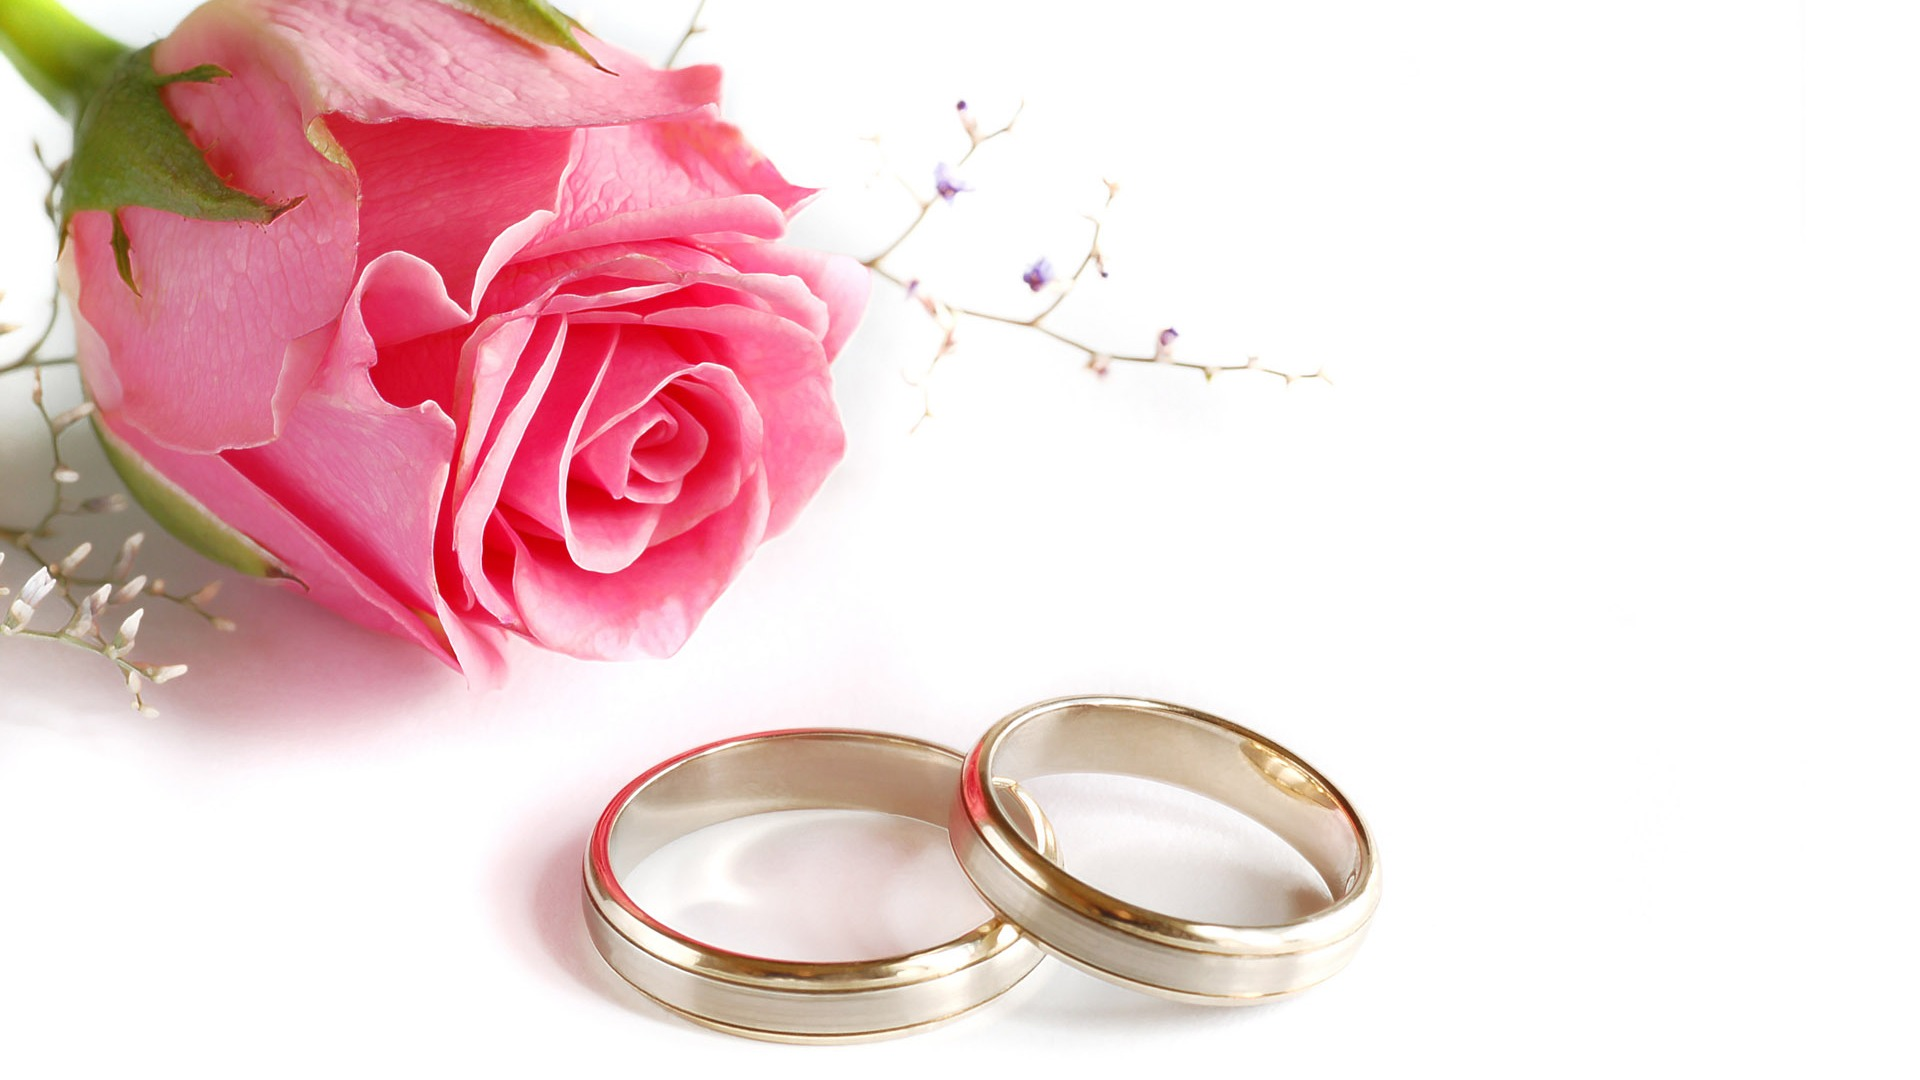 mariage et papier peint anneau de mariage 2 12 1920x1080 fond d 39 cran t l charger mariage. Black Bedroom Furniture Sets. Home Design Ideas